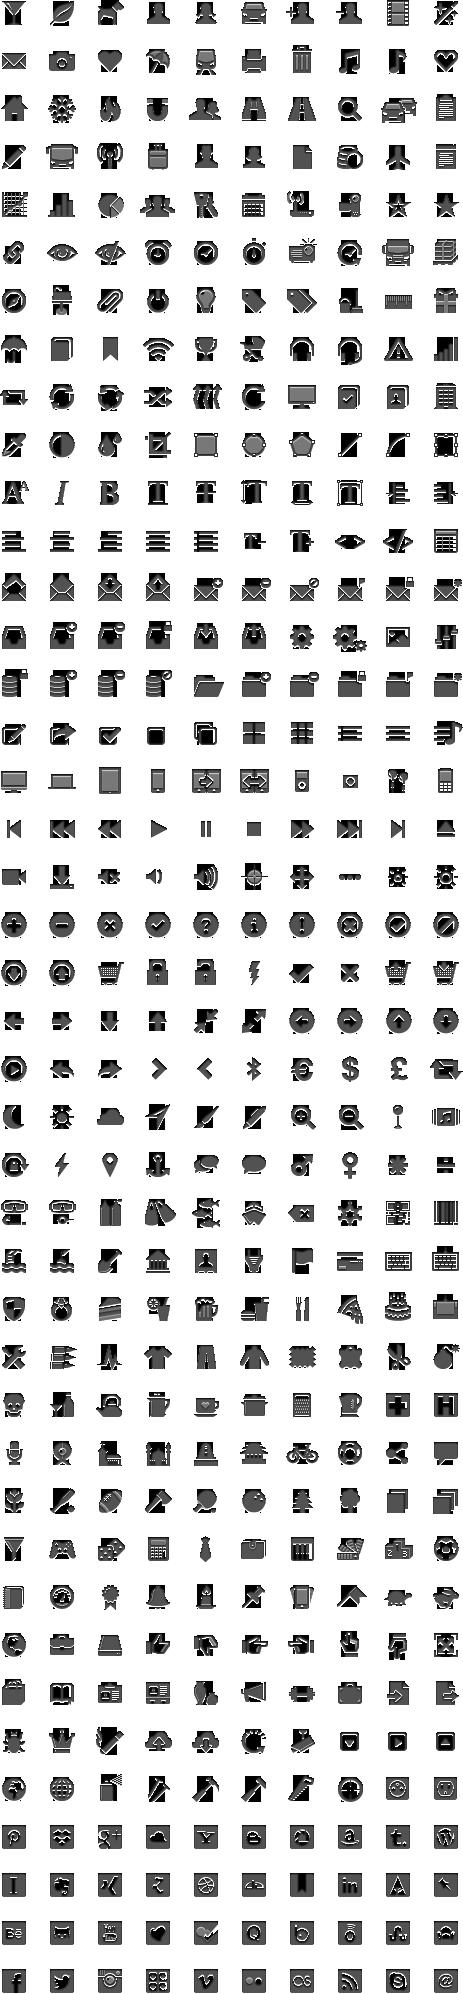 420 iconos vectoriales gratis